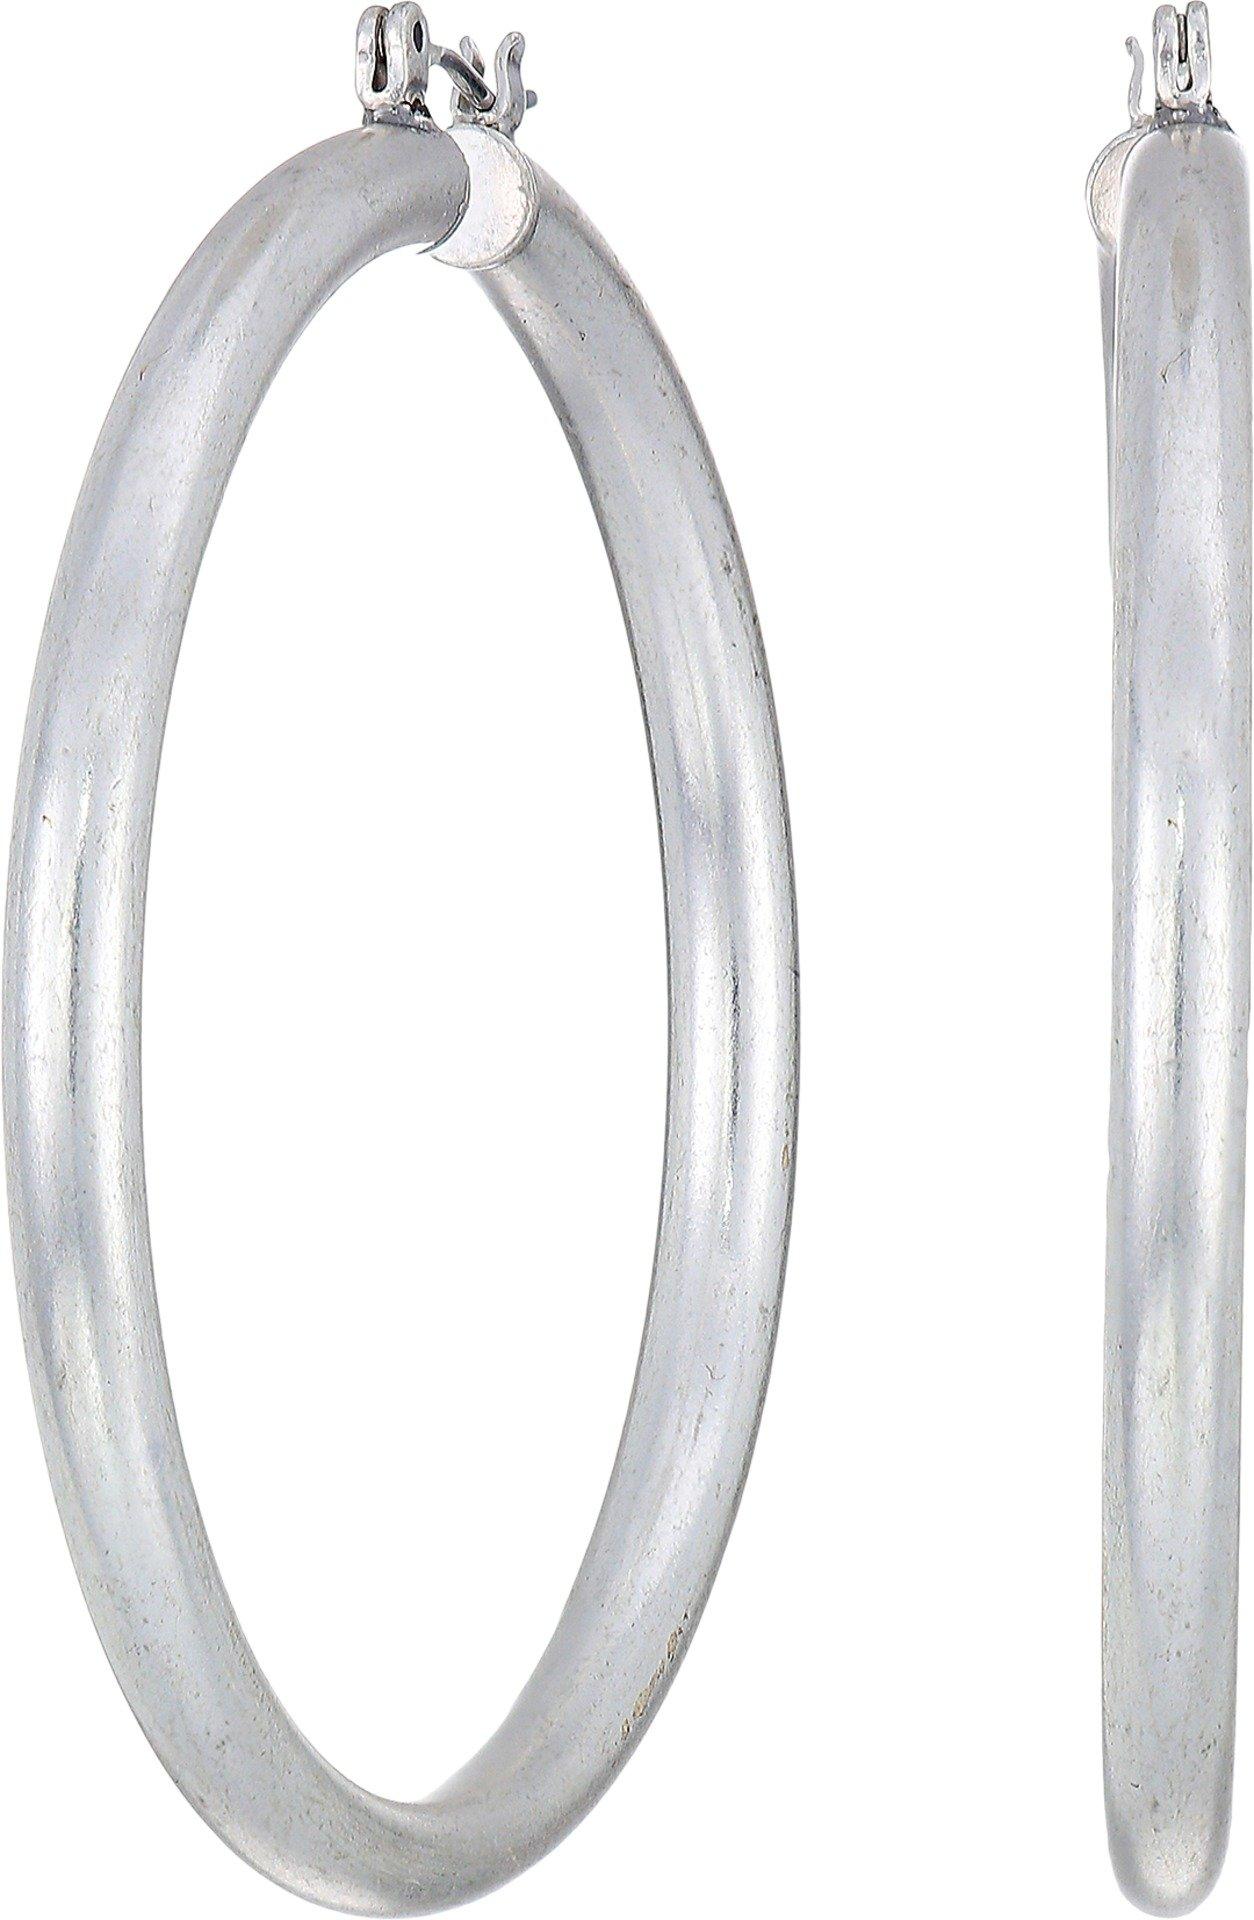 Lucky Brand Women's Large Hoop Earrings, Silver, One Size